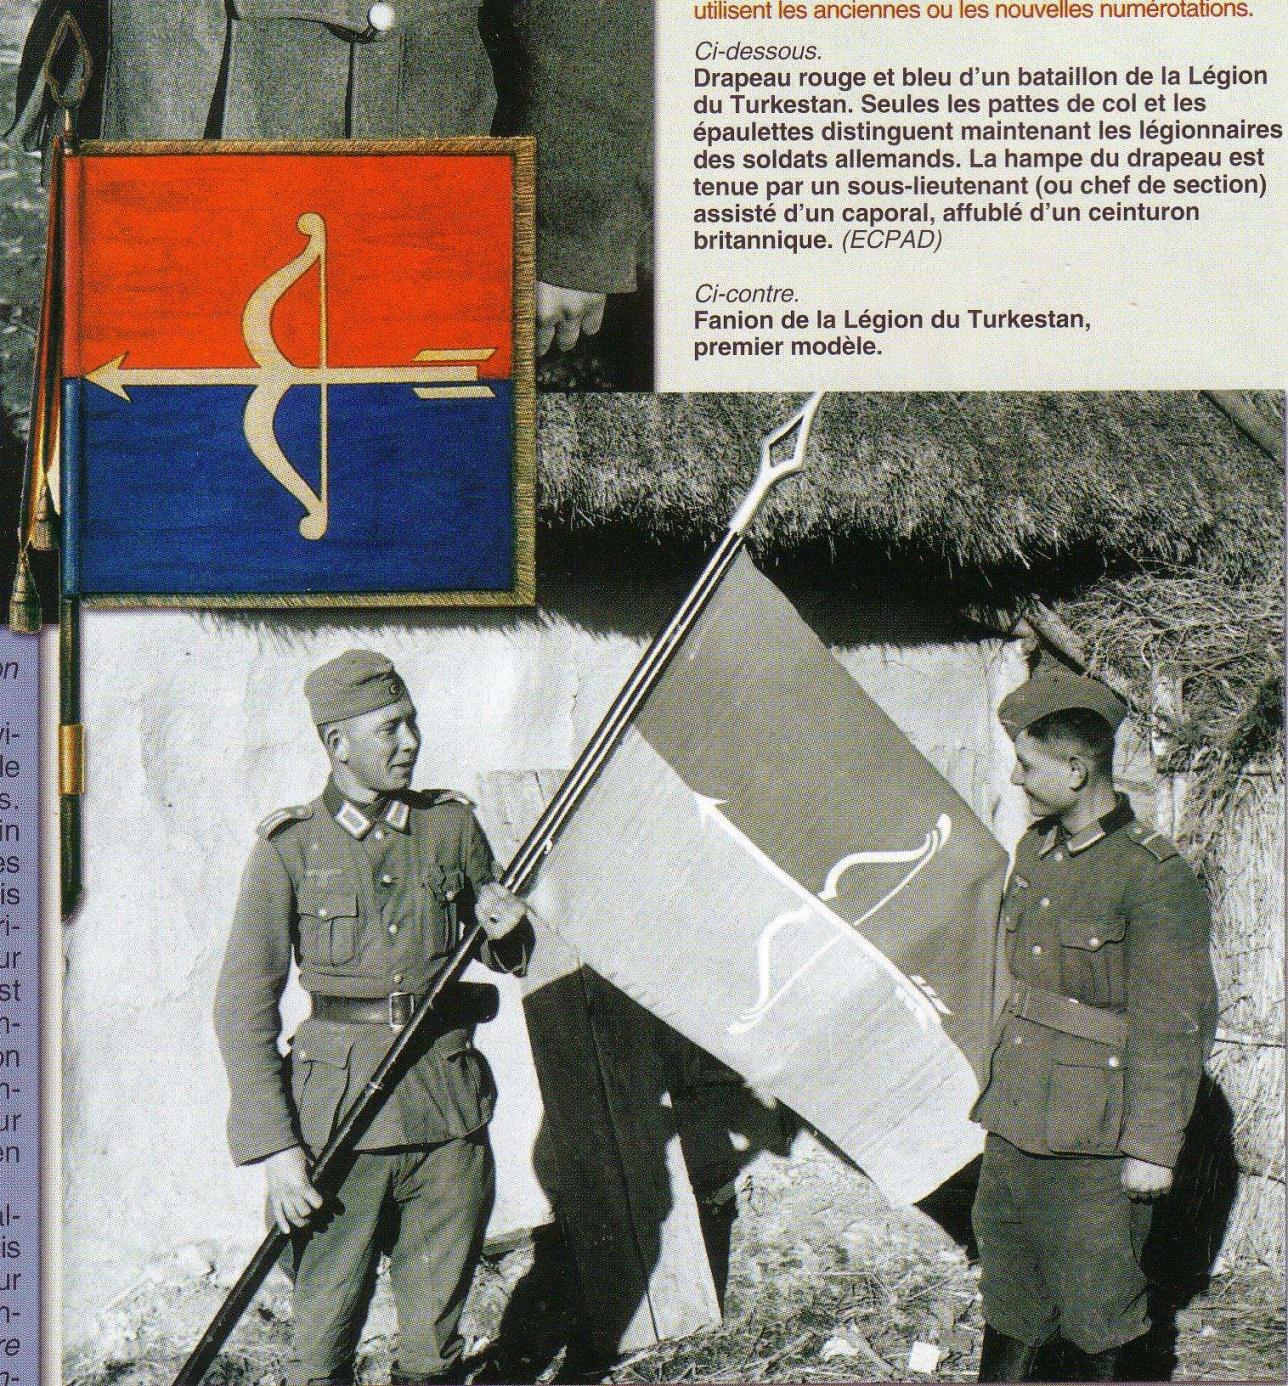 Түркістан легионының байрағы